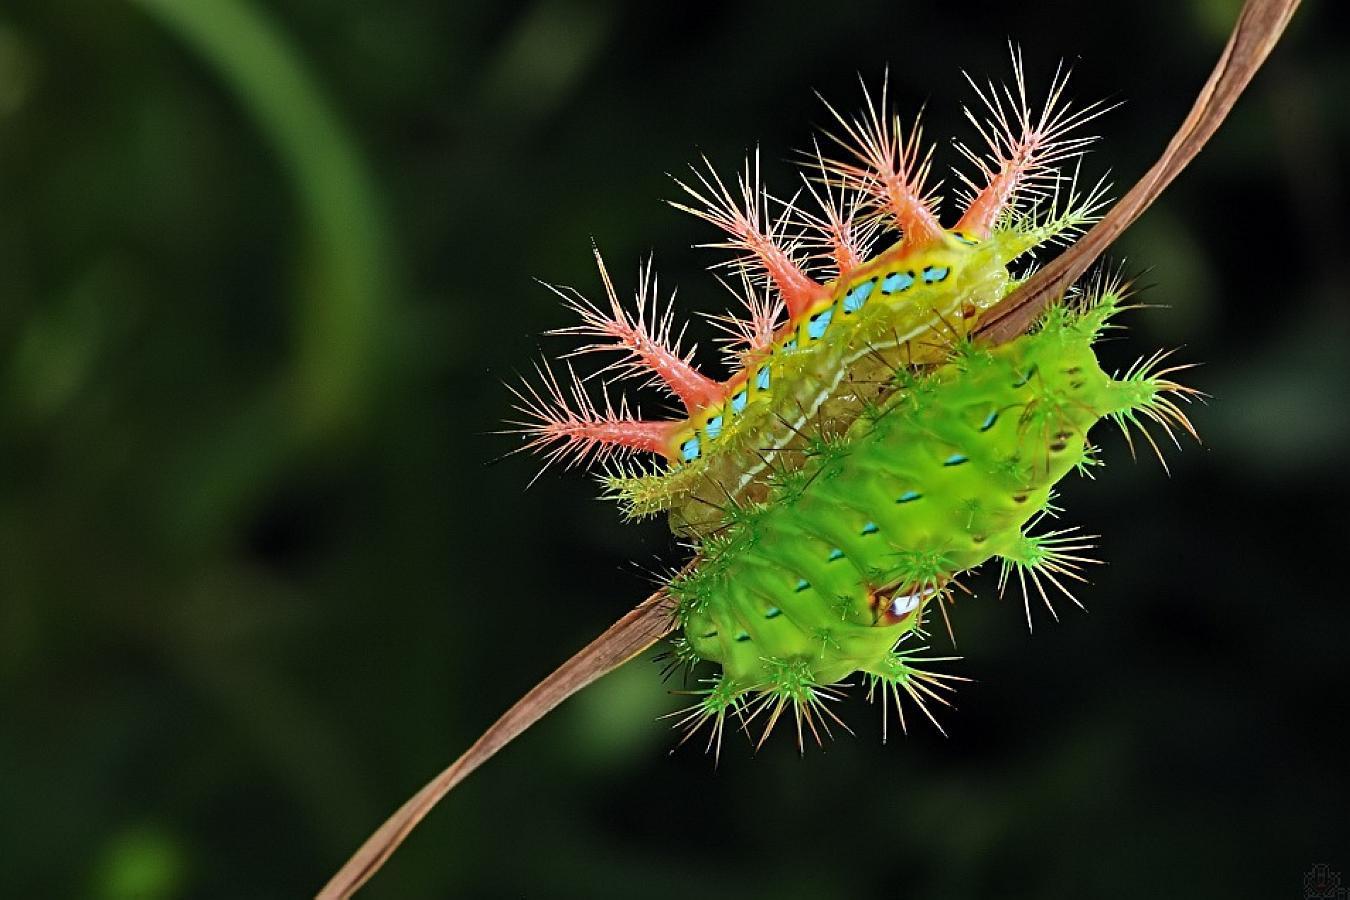 乡下这虫子长得像糖宝,人见人怕,摸一下提神醒脑